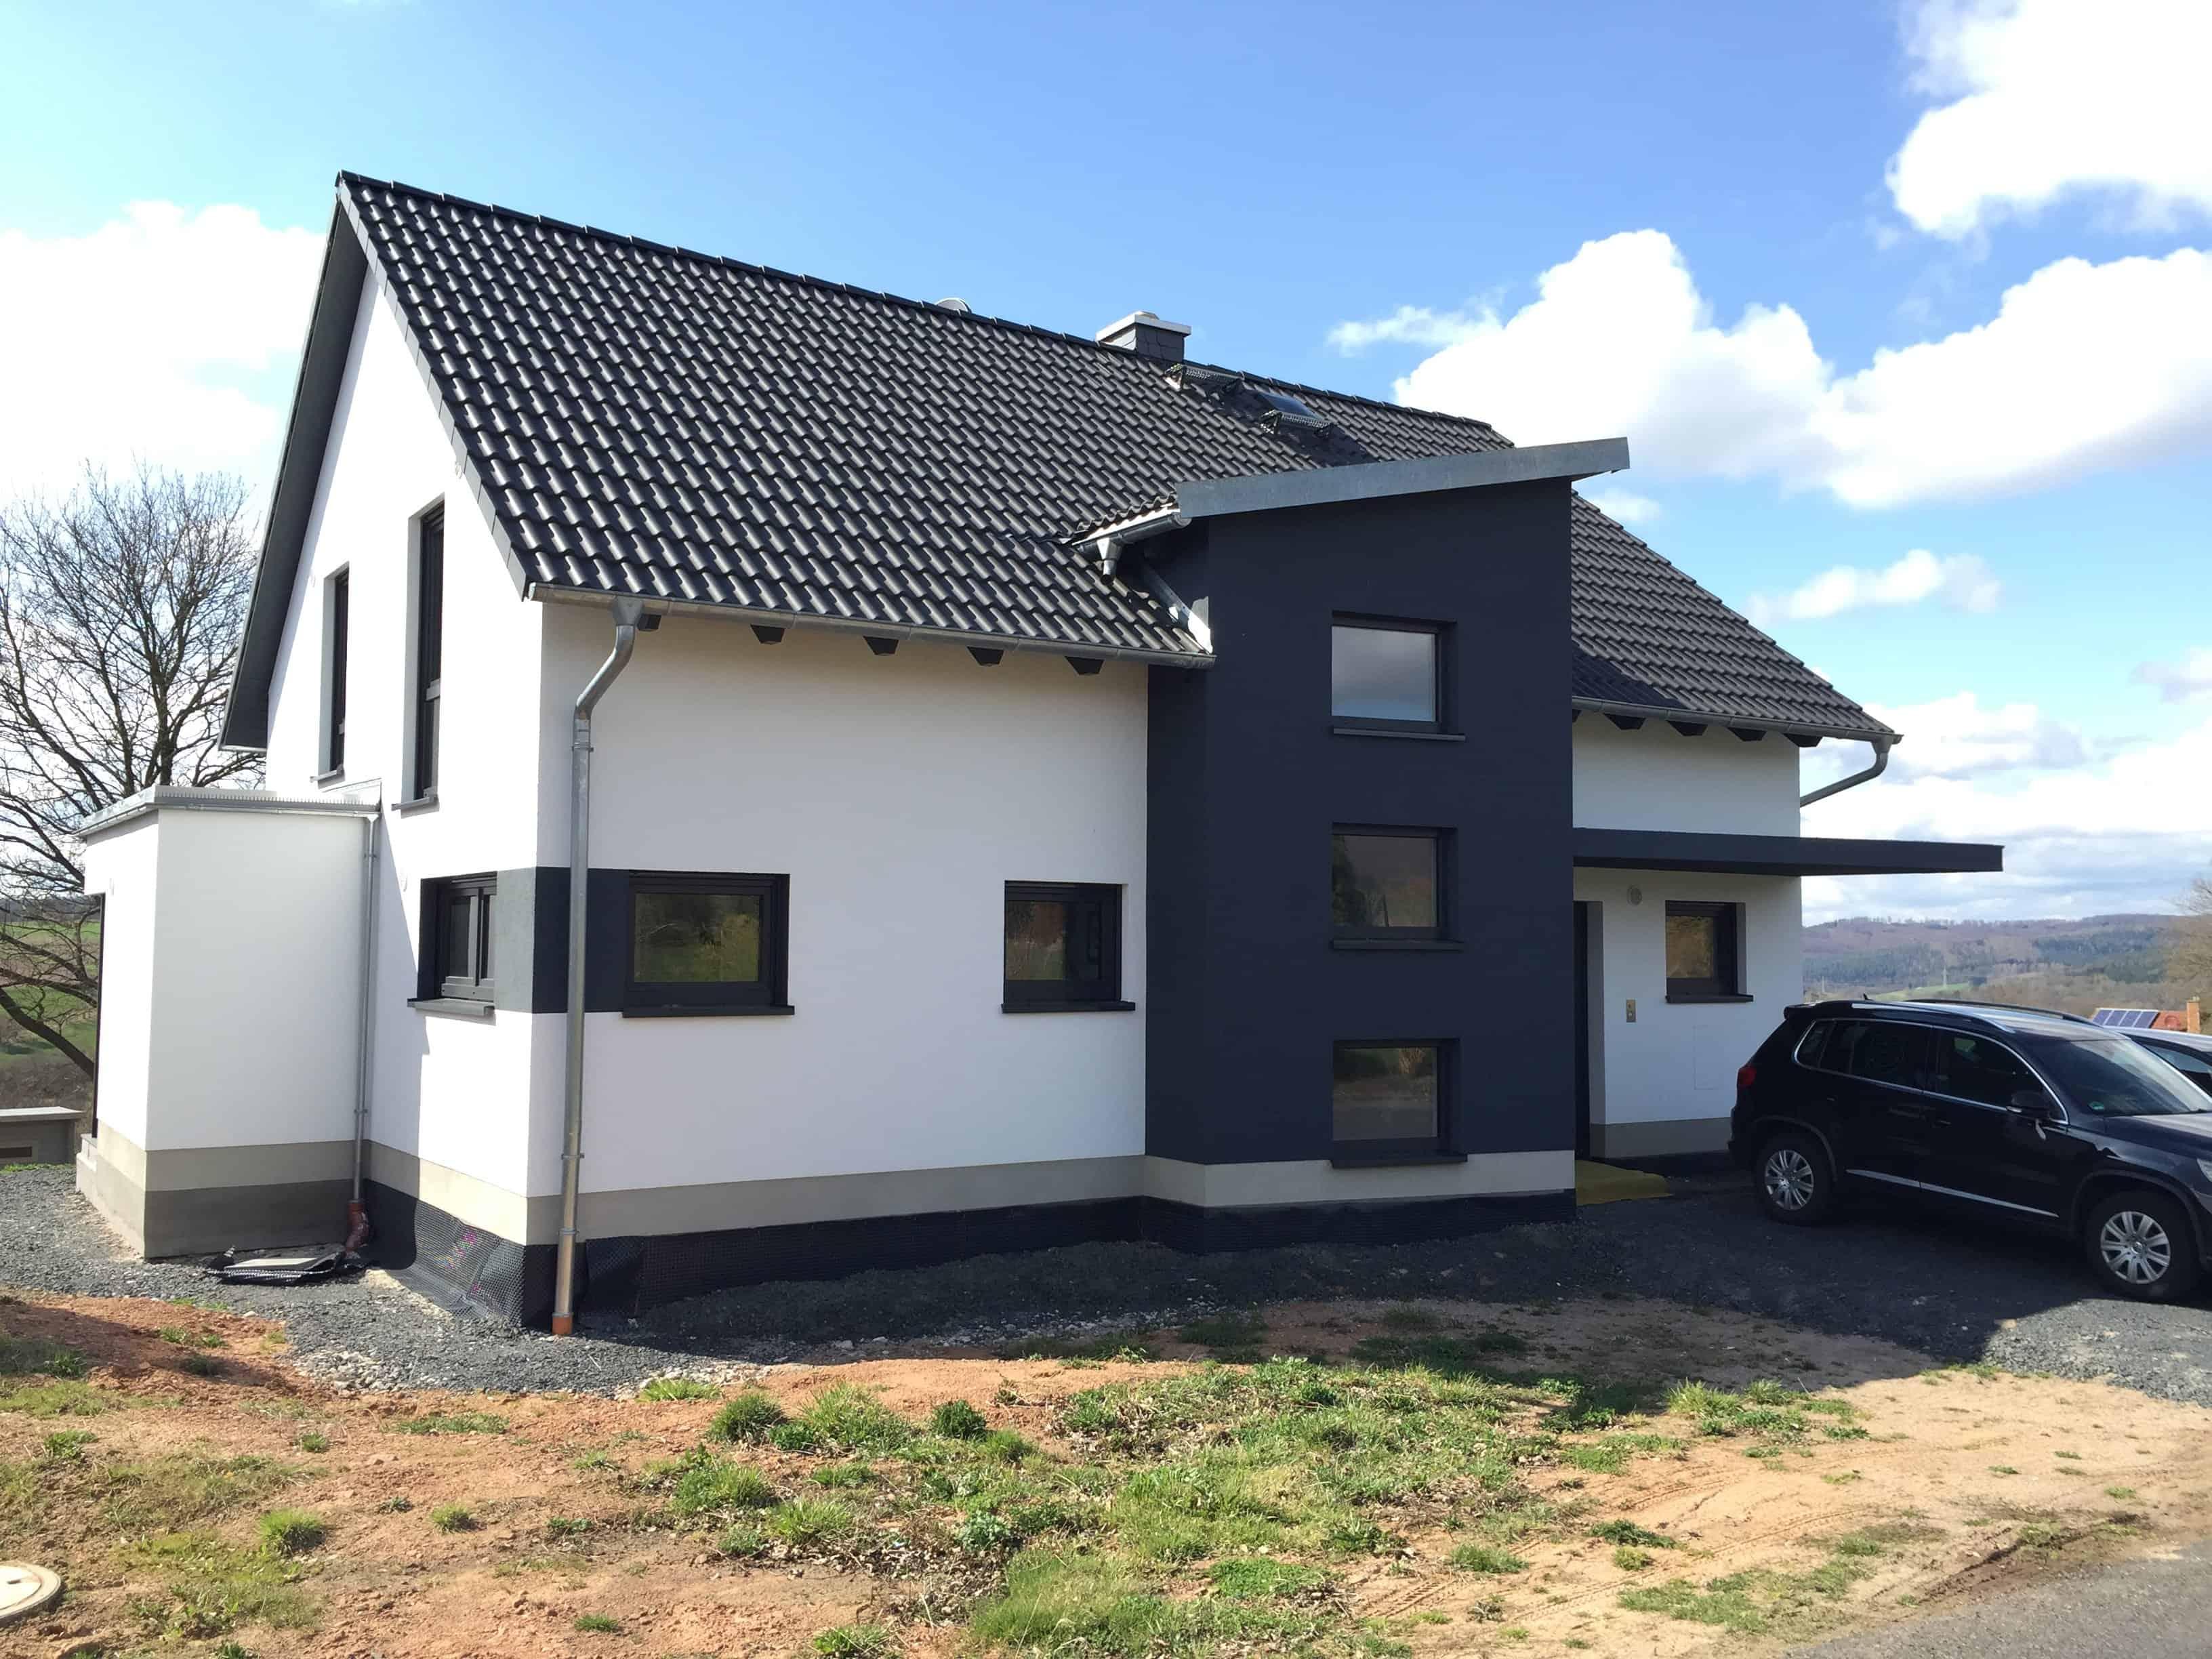 Modernes Satteldachhaus mit Pultdachquergiebel vorn+hinten